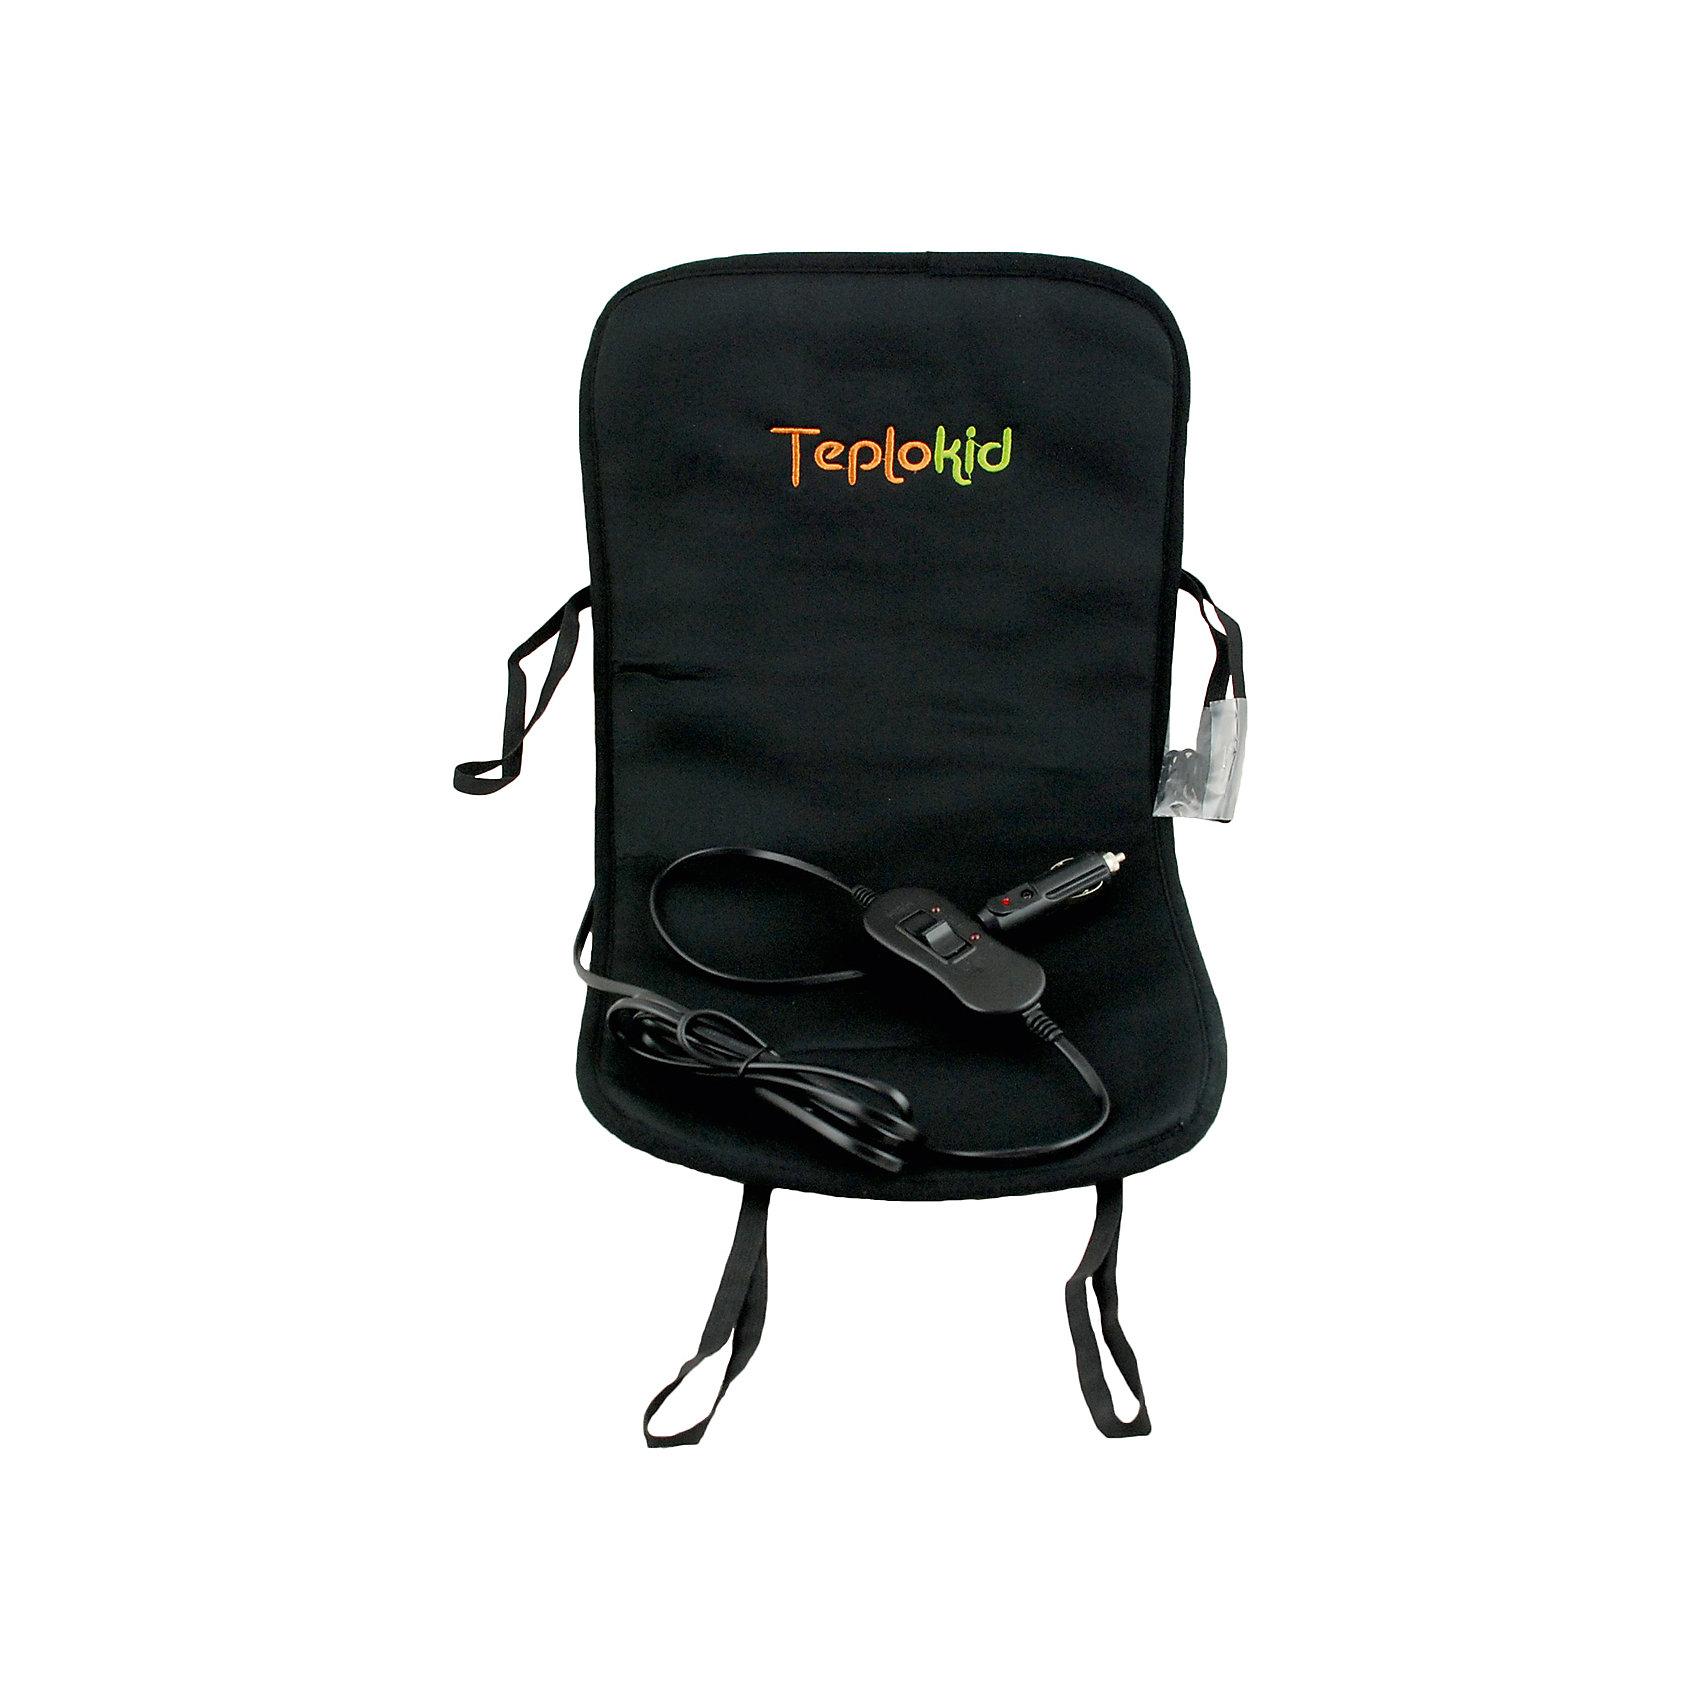 Автомобильная обогрев-подстилка 55х(30-25), 1\1+, TeplokidАксессуары<br>Автомобиль – незаменимый спутник семьи в современном мире. Детское кресло -  обязательный атрибут любого автомобильного путешествия. Специально для него была разработана обогрев – подстилка, созданная для обеспечения тепла и комфорта ребенку для поездок в холодное время года. Подстилка позволяет установить нужную температуру самостоятельно с помощью пульта управления. Все материалы, использованные при разработке и изготовлении коврика безопасны для использования, отвечают всем требованиям экологичности и качества детских товаров, а так же гипоаллергенны.<br><br>Дополнительная информация:<br><br>материал: хлопок, полиэстер;<br>габариты: 55х(30-25);<br>возраст:1/1+.<br><br>Автомобильную обогрев-подстилку Teplokid можно приобрести в нашем магазине.<br><br>Ширина мм: 550<br>Глубина мм: 310<br>Высота мм: 30<br>Вес г: 300<br>Возраст от месяцев: 36<br>Возраст до месяцев: 84<br>Пол: Унисекс<br>Возраст: Детский<br>SKU: 4968142